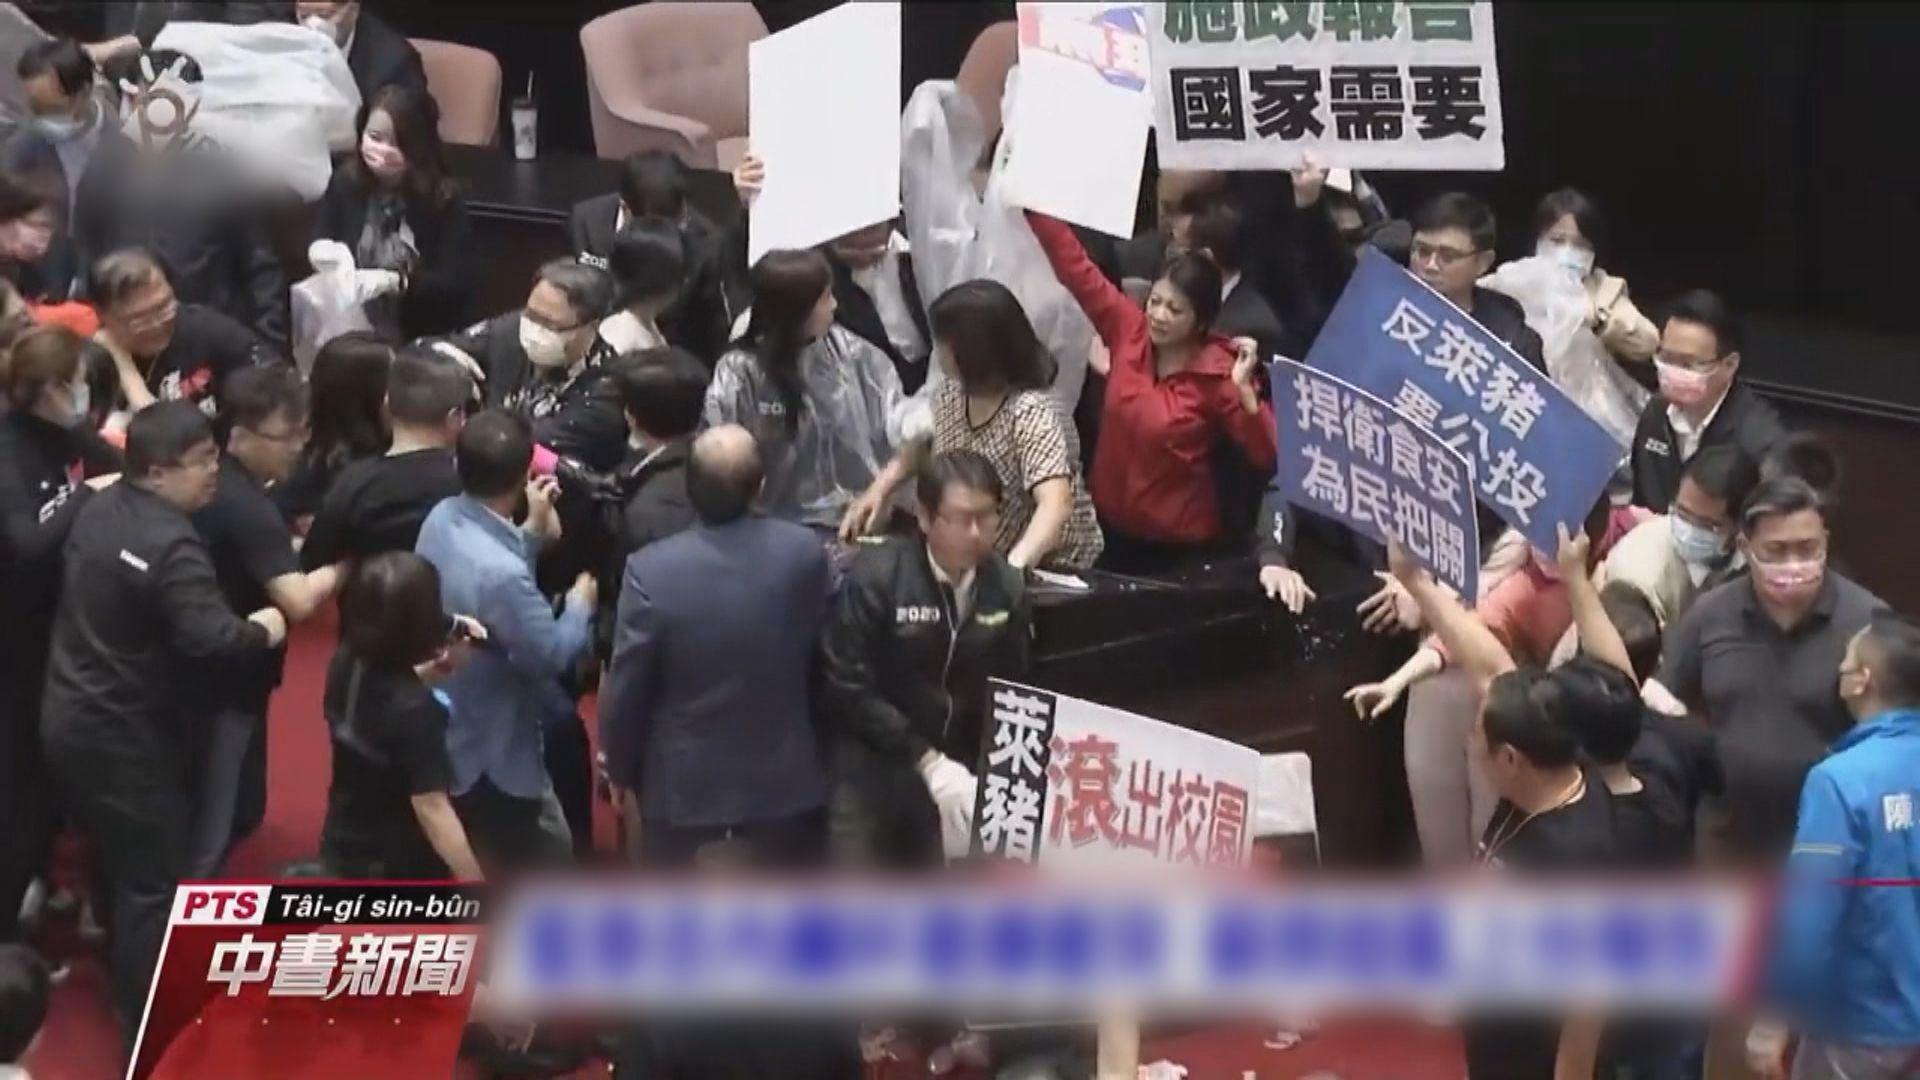 蘇貞昌宣讀施政報告 藍營有人潑豬內臟和豬皮